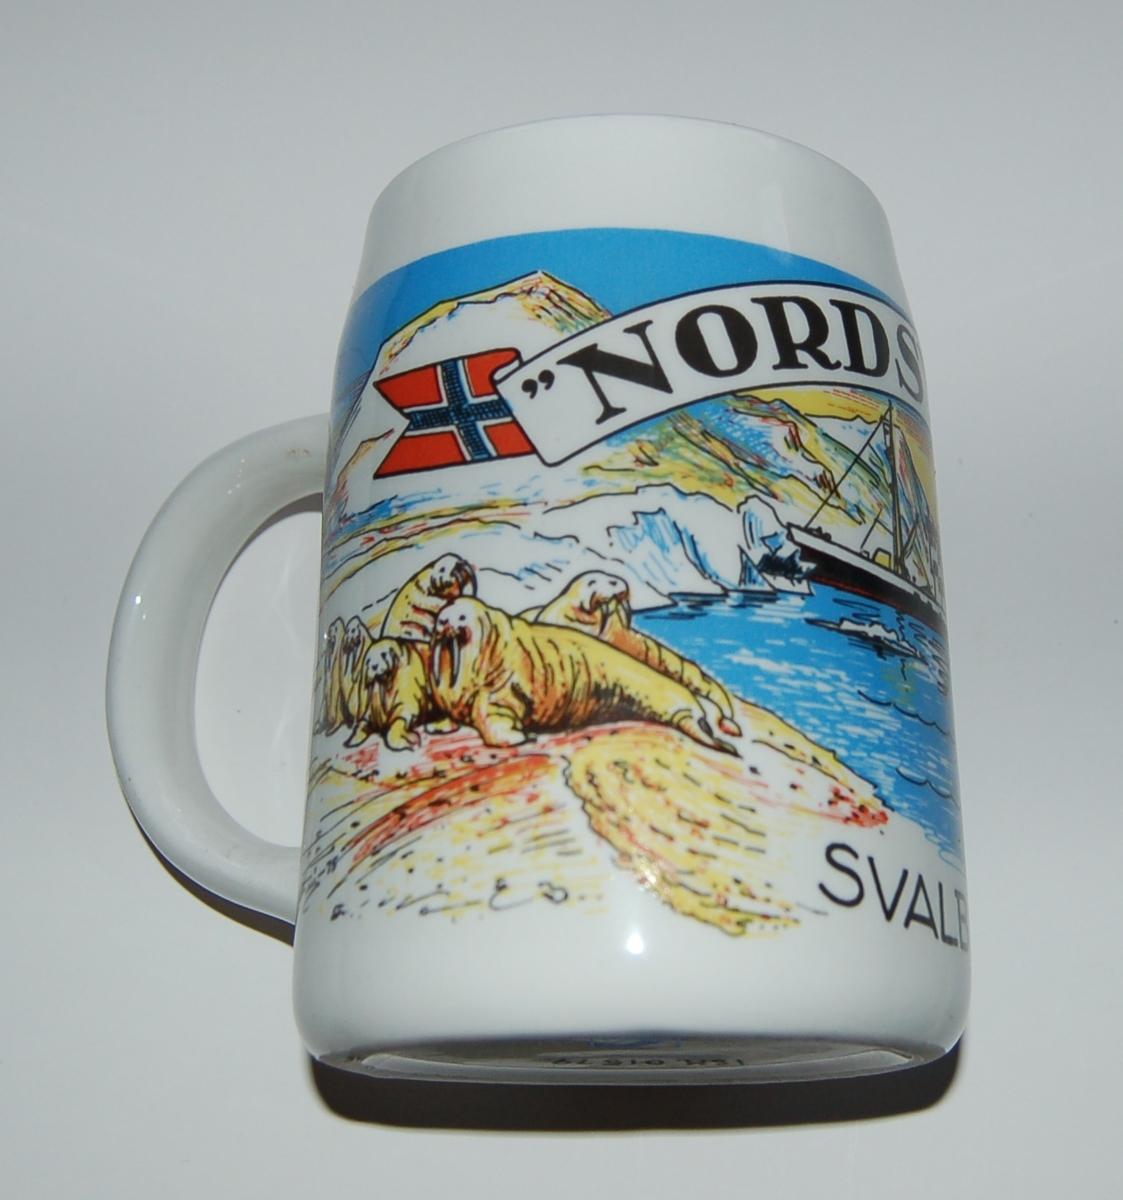 Utsmykka kjegleformet souvenirkrus i glassert porselen. Motiv: Banner - Sysselmannsskute. Isbjørnfamilie på isflak. Tekst: Nordsyssel. Svalbard.